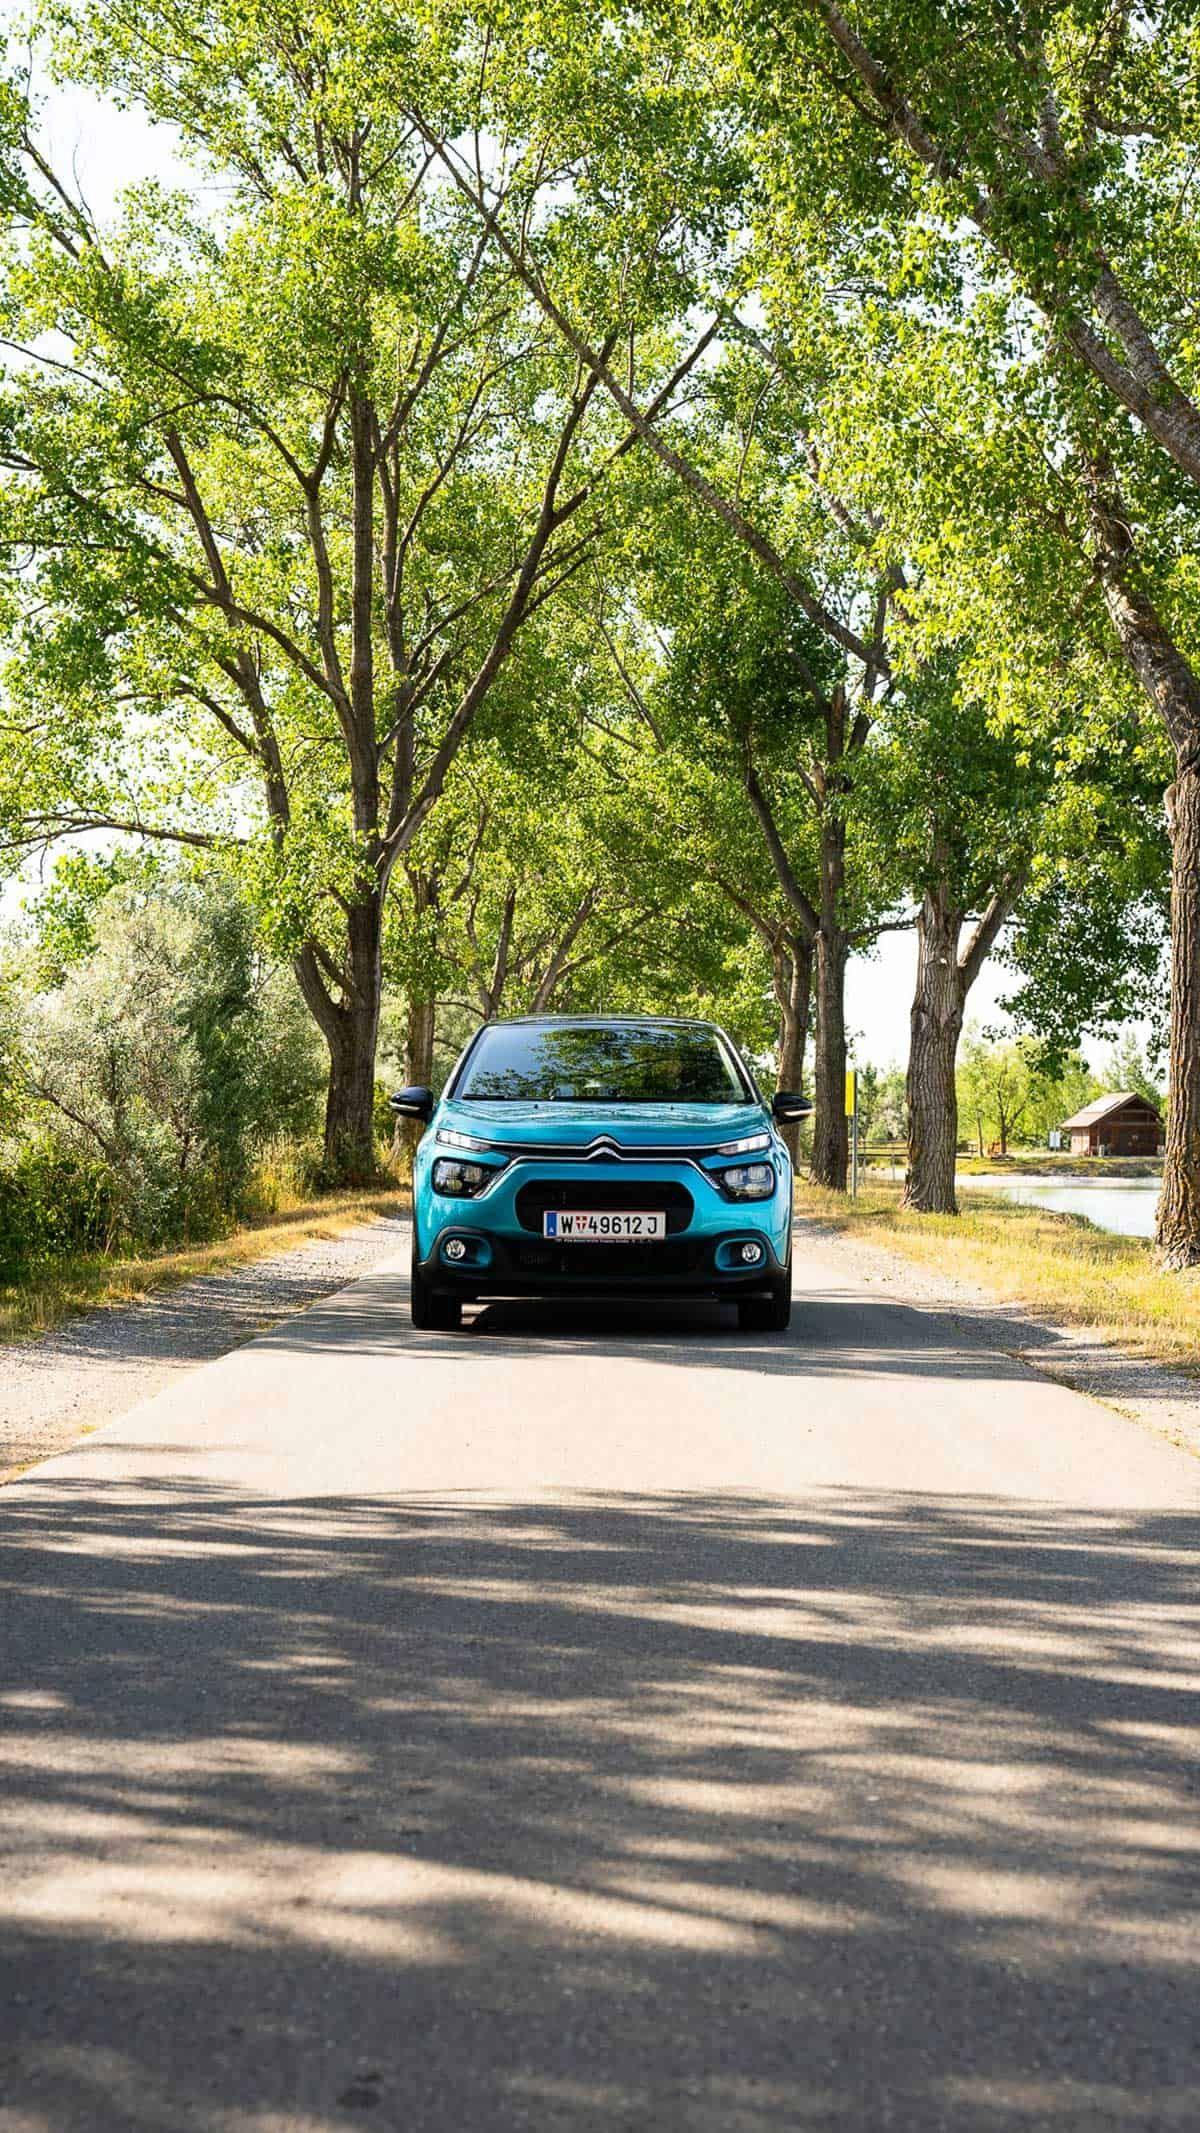 Mit dem Citroën C3 über die Landstraßen düsen, Sponsored (c) Marino Knöppel   valerino.creations